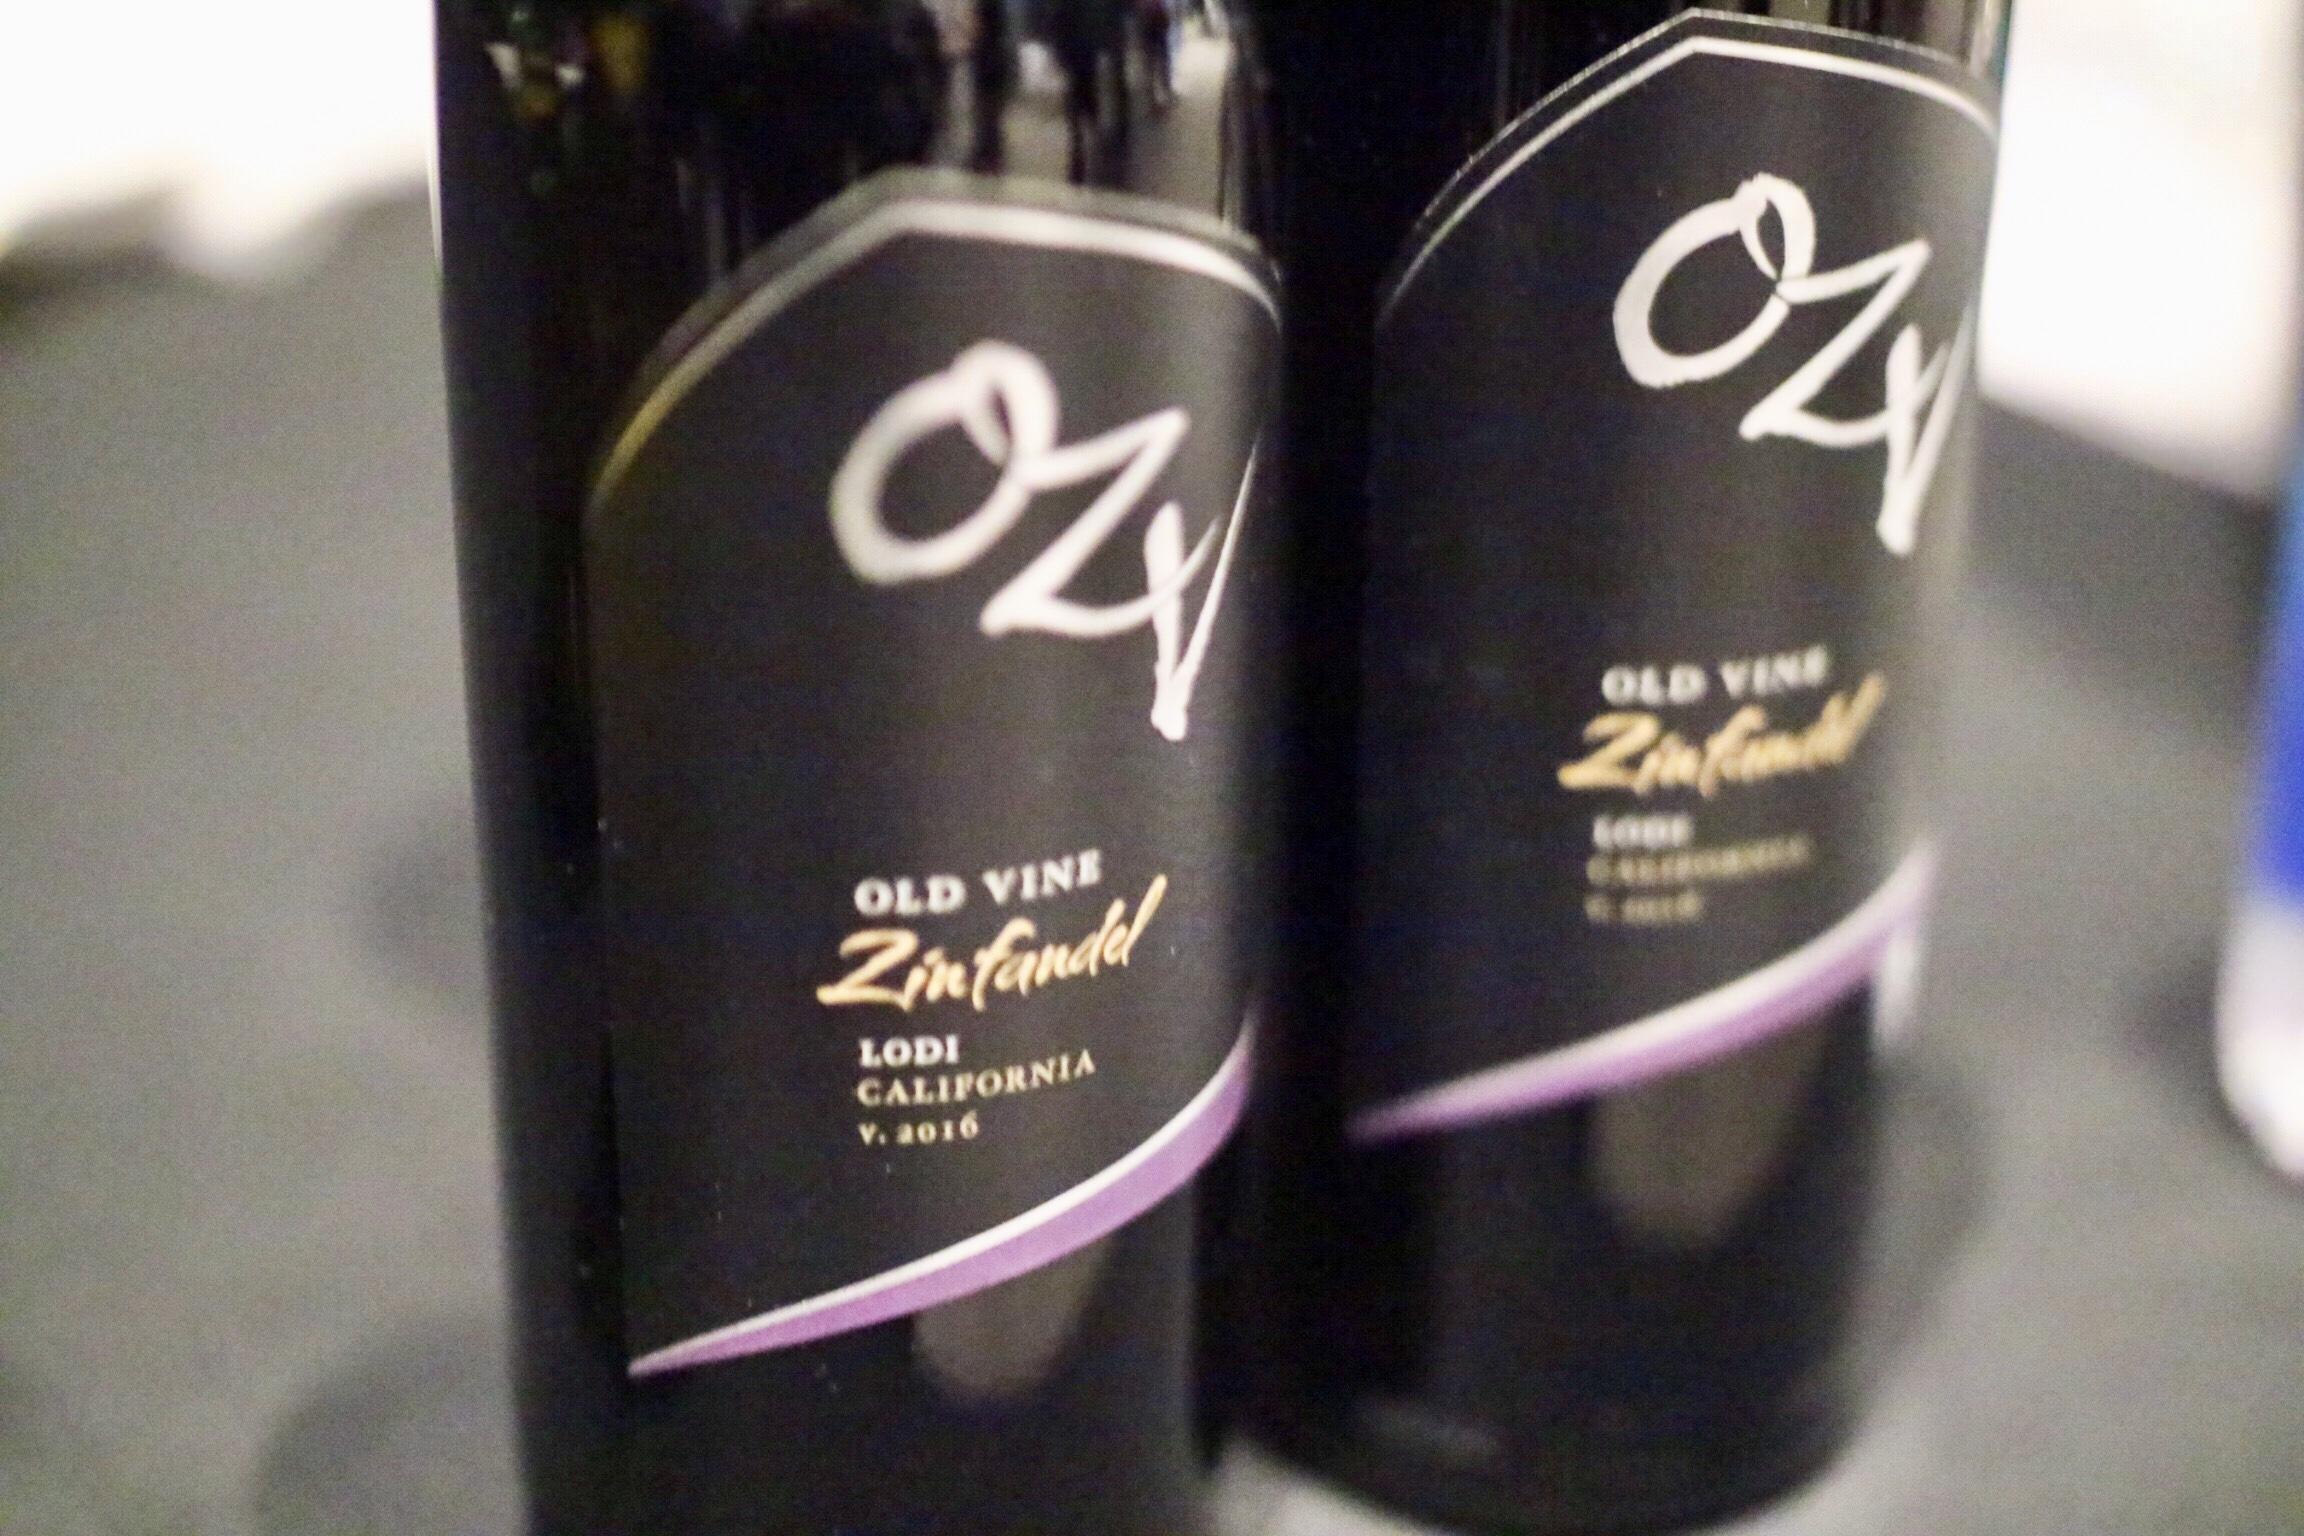 OZV Old Vine Zinfandel 2017